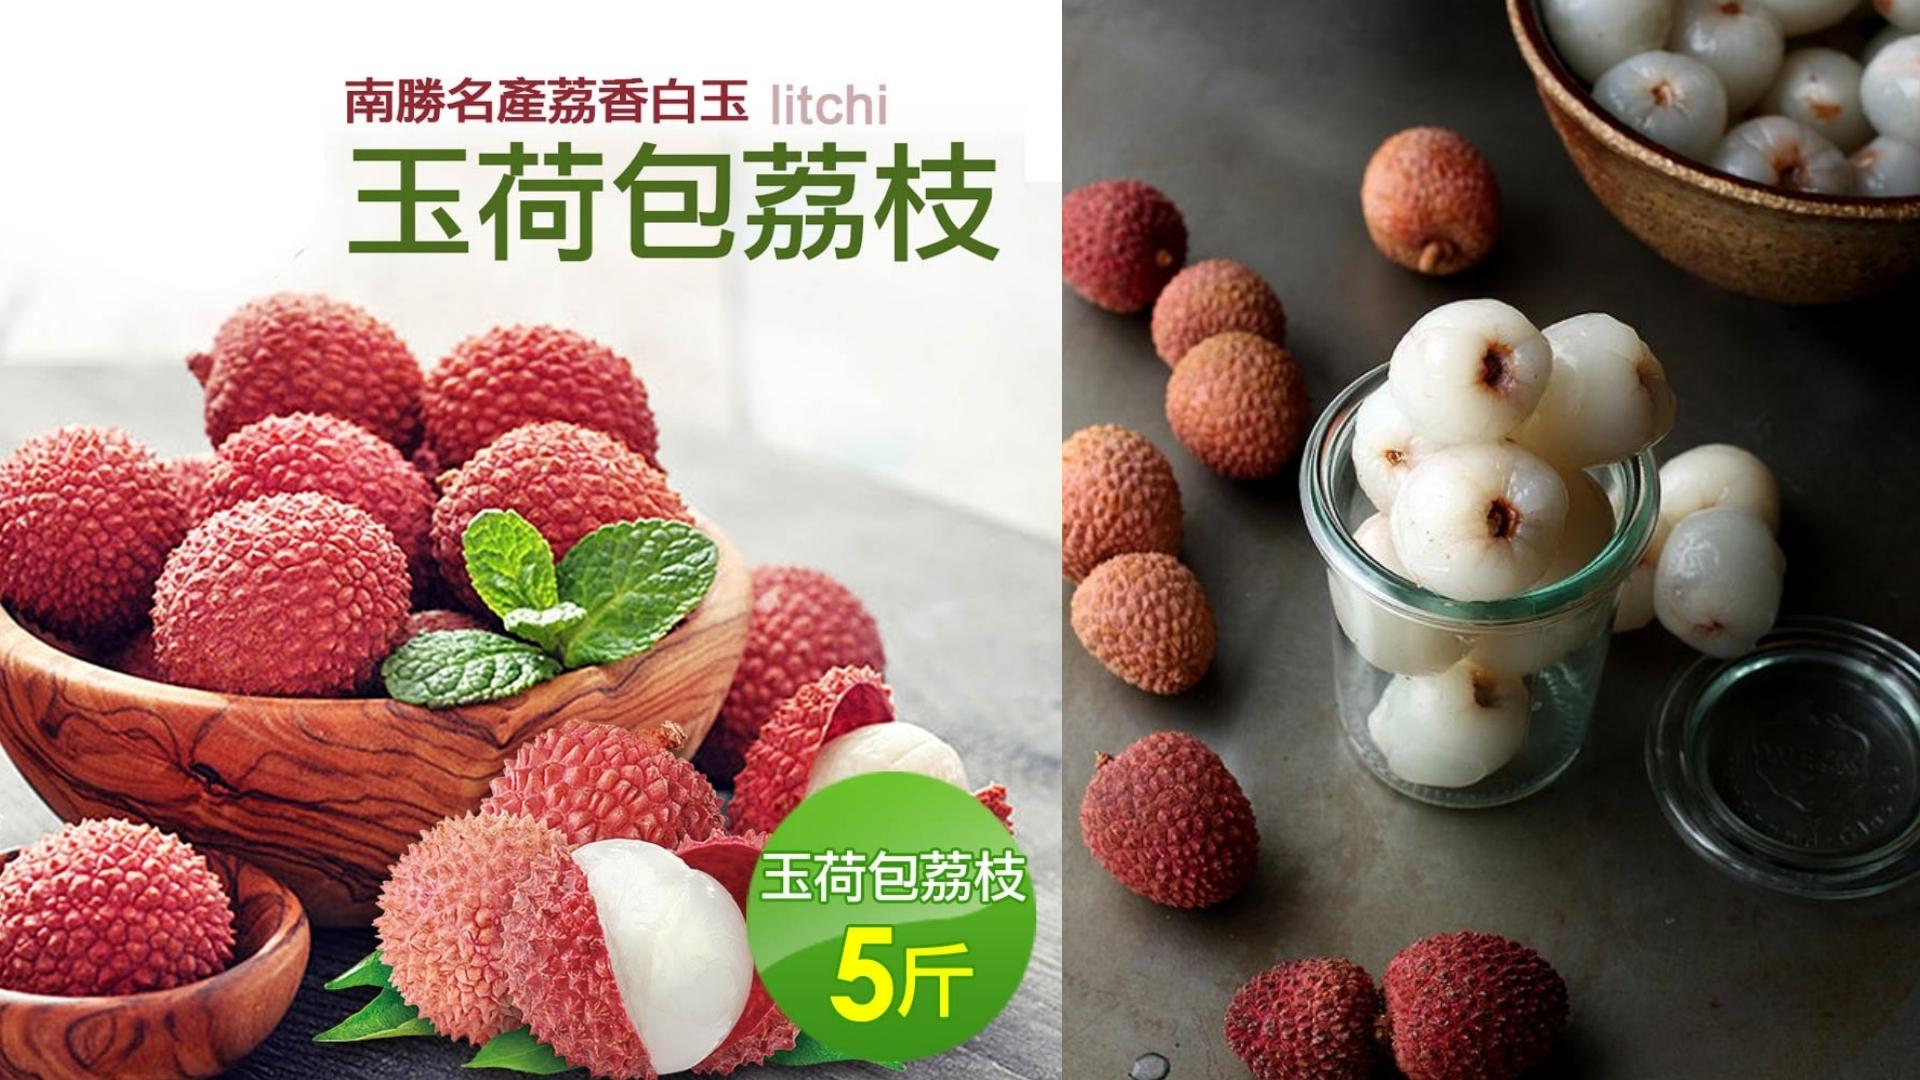 荔香白玉是荔枝當中最頂級的品種,果核比一般的更加扁小,果肉多且Q、甜度高達18度!每到夏天當然不能錯過!